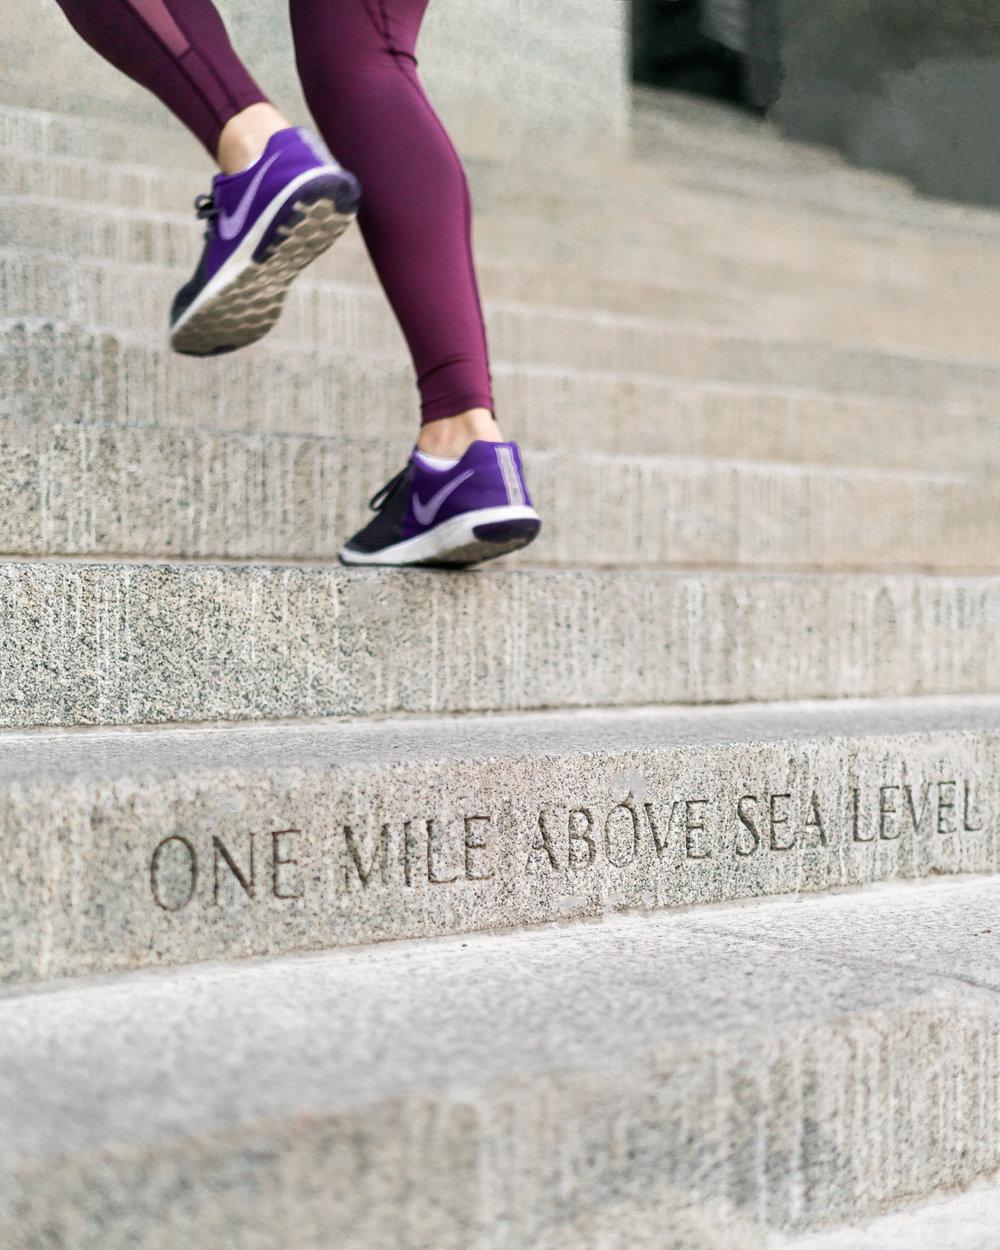 Running-Mile-High-Denver-Stairs.jpg